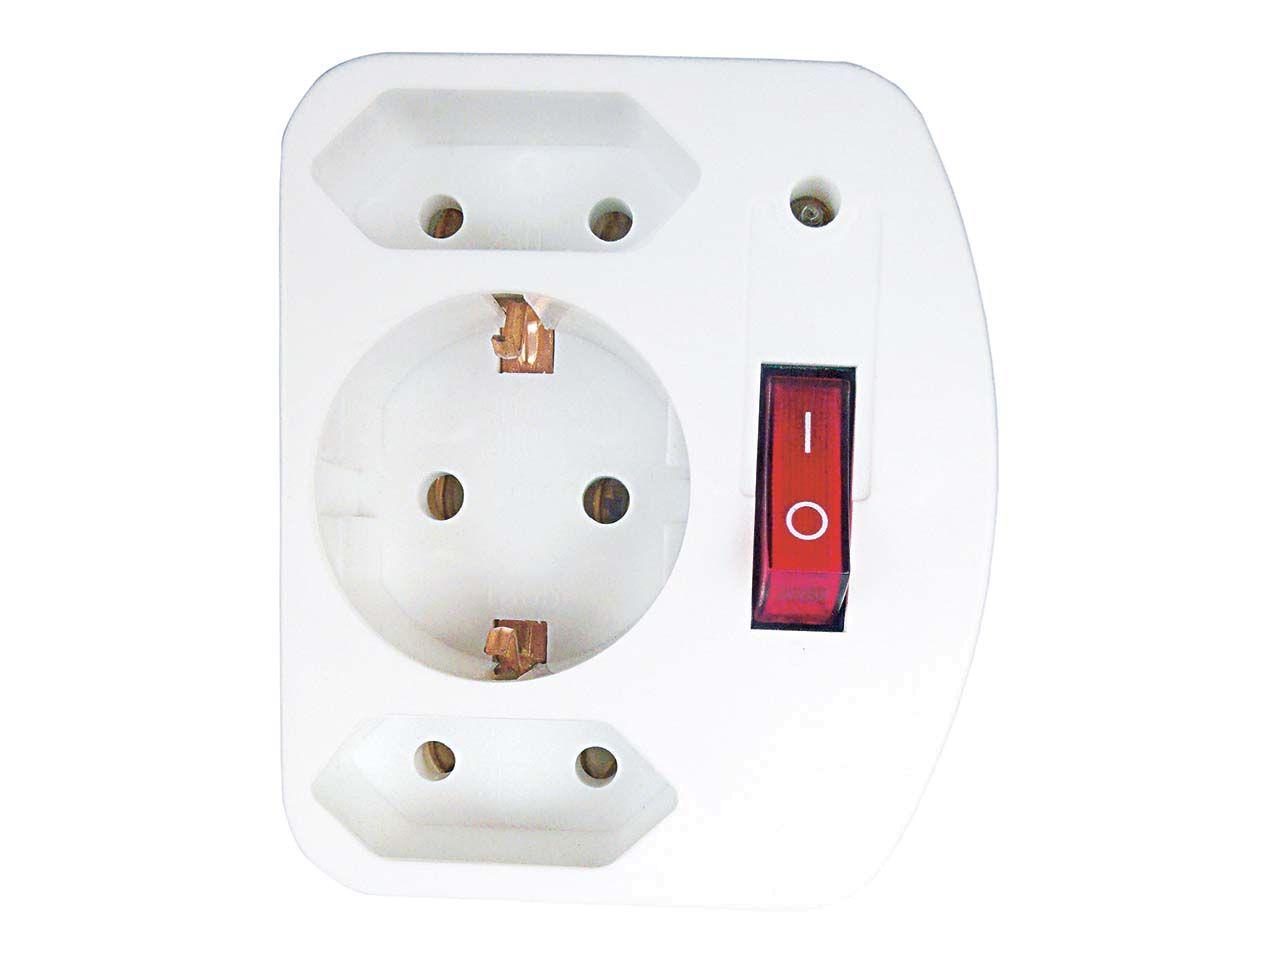 REV Zwischenstecker für Steckdosen 2+1 mit Überspannungsschutz 00135501